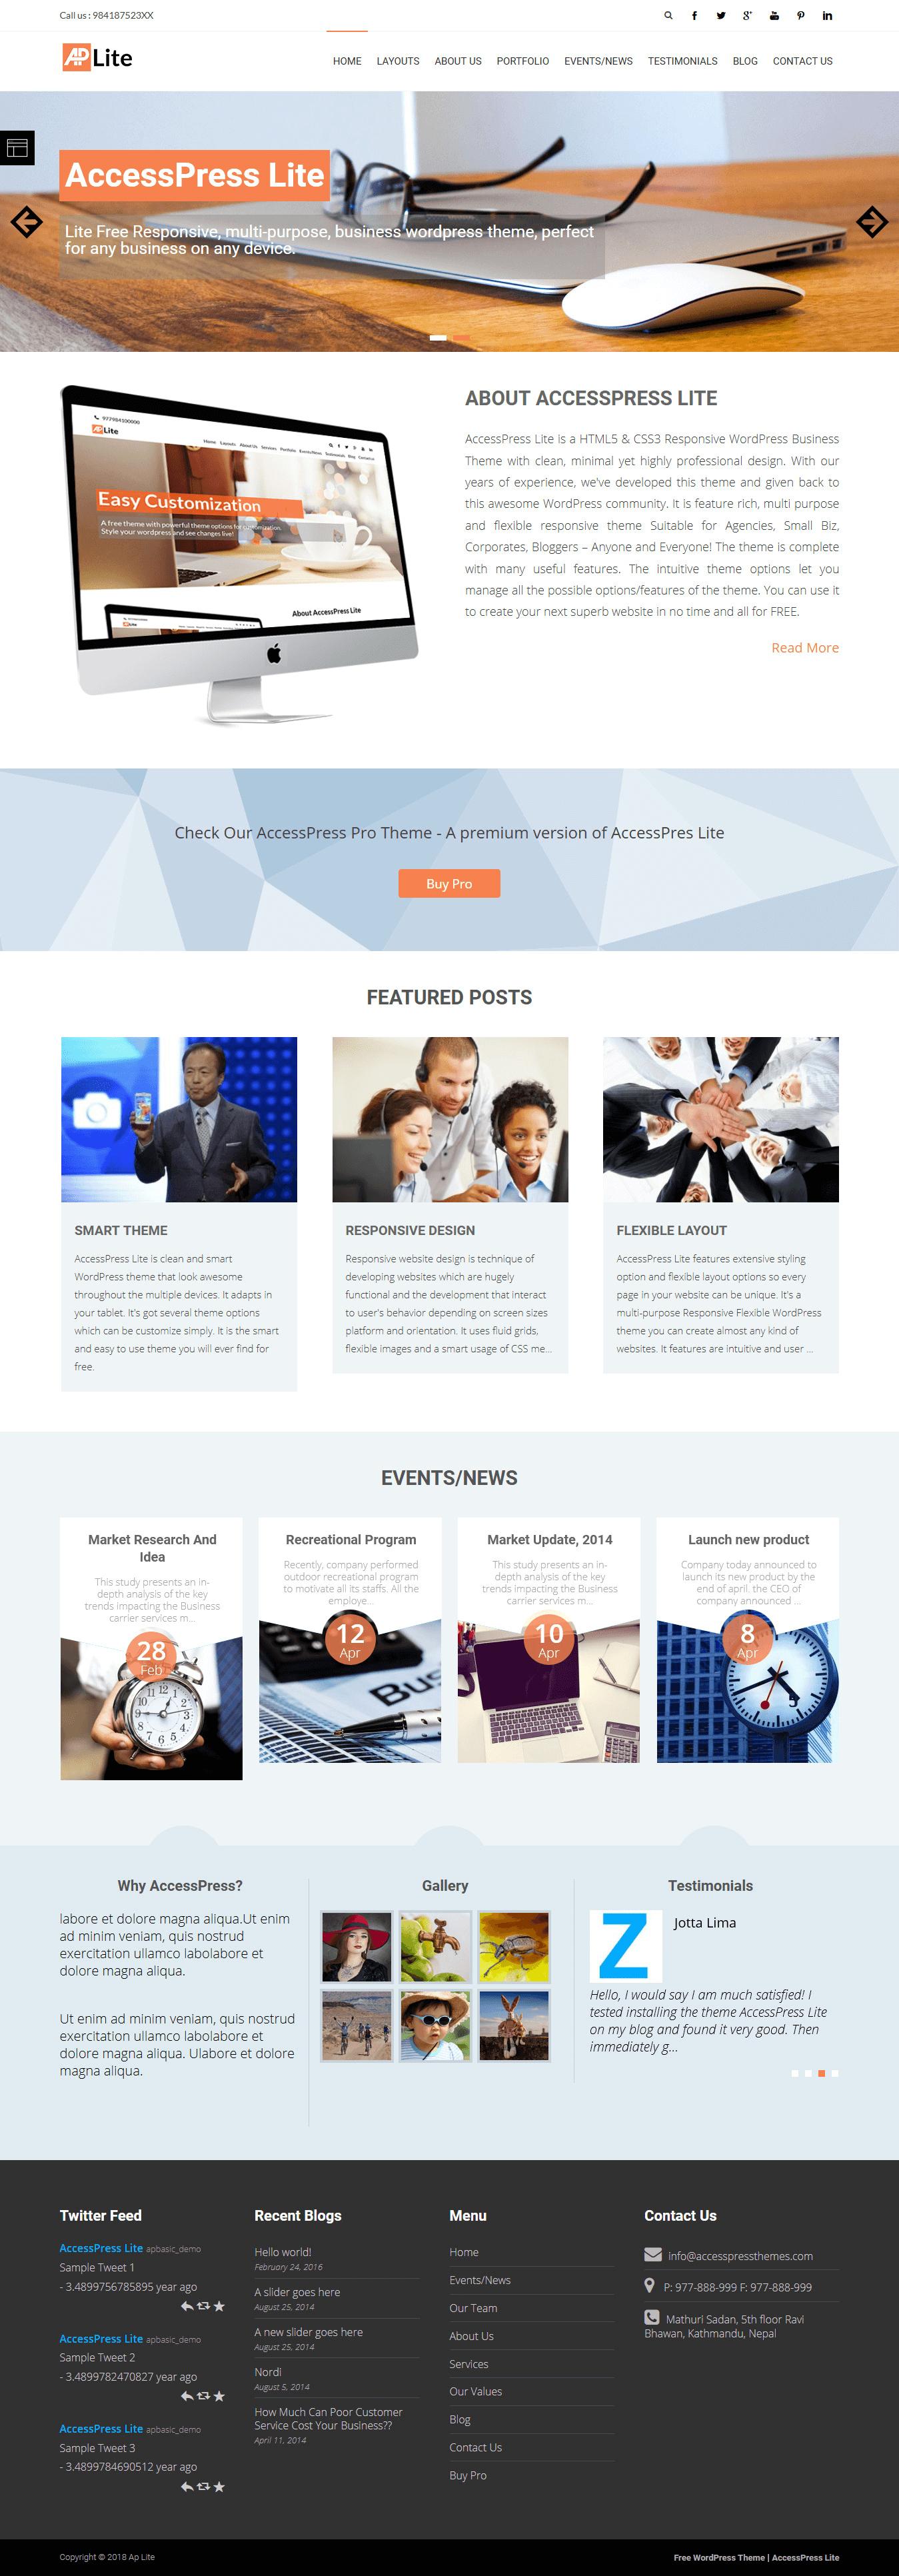 AccessPress Lite - El mejor tema de WordPress multipropósito gratuito